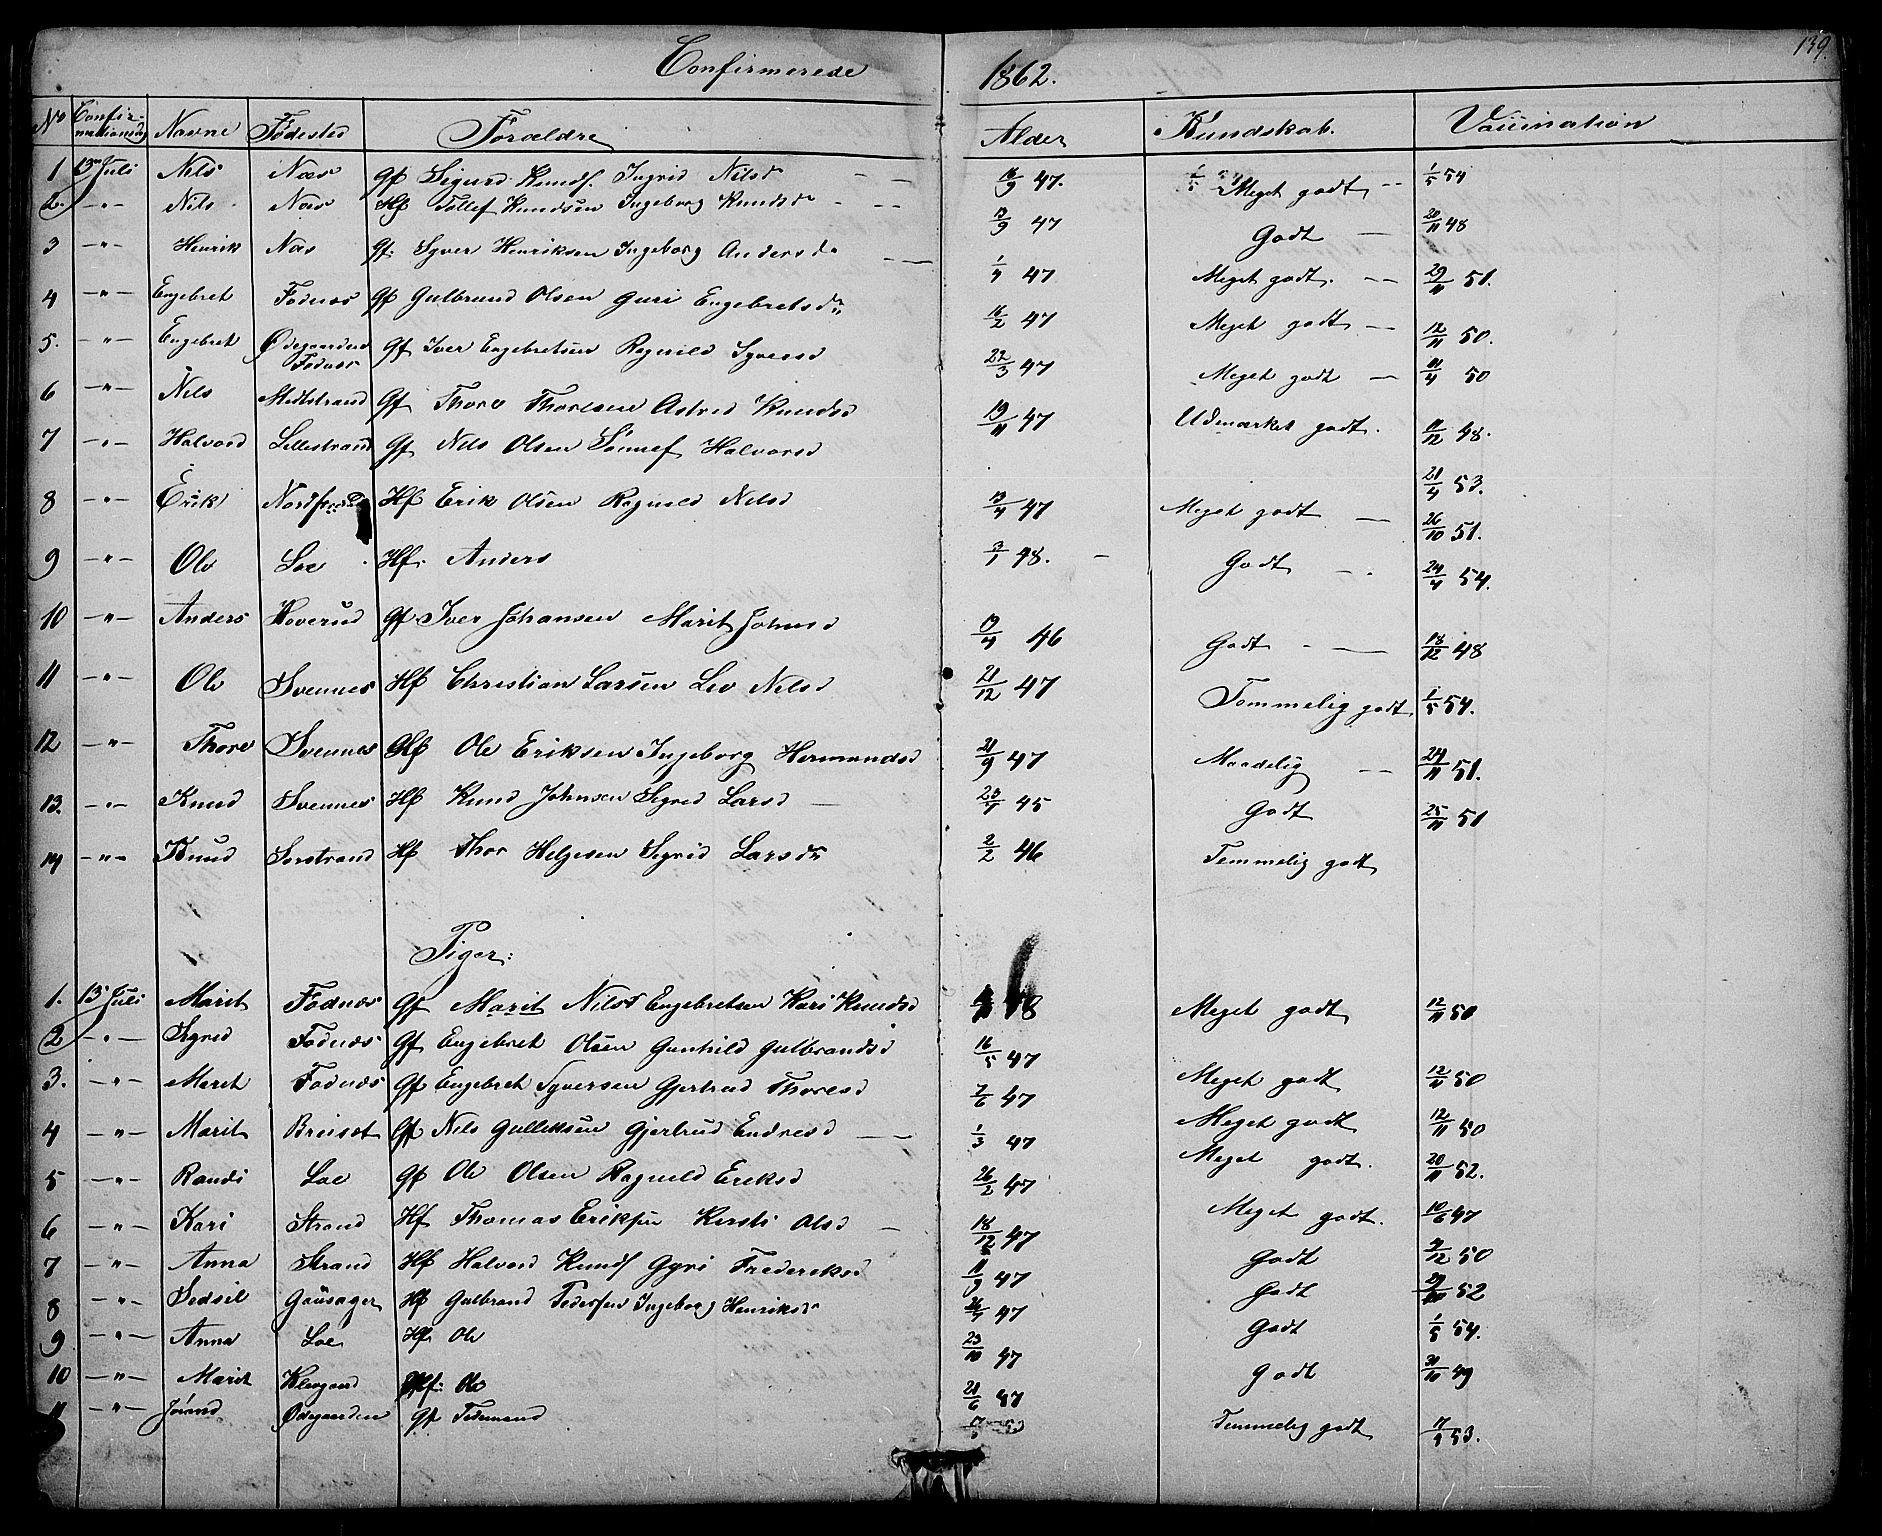 SAH, Nord-Aurdal prestekontor, Klokkerbok nr. 3, 1842-1882, s. 139